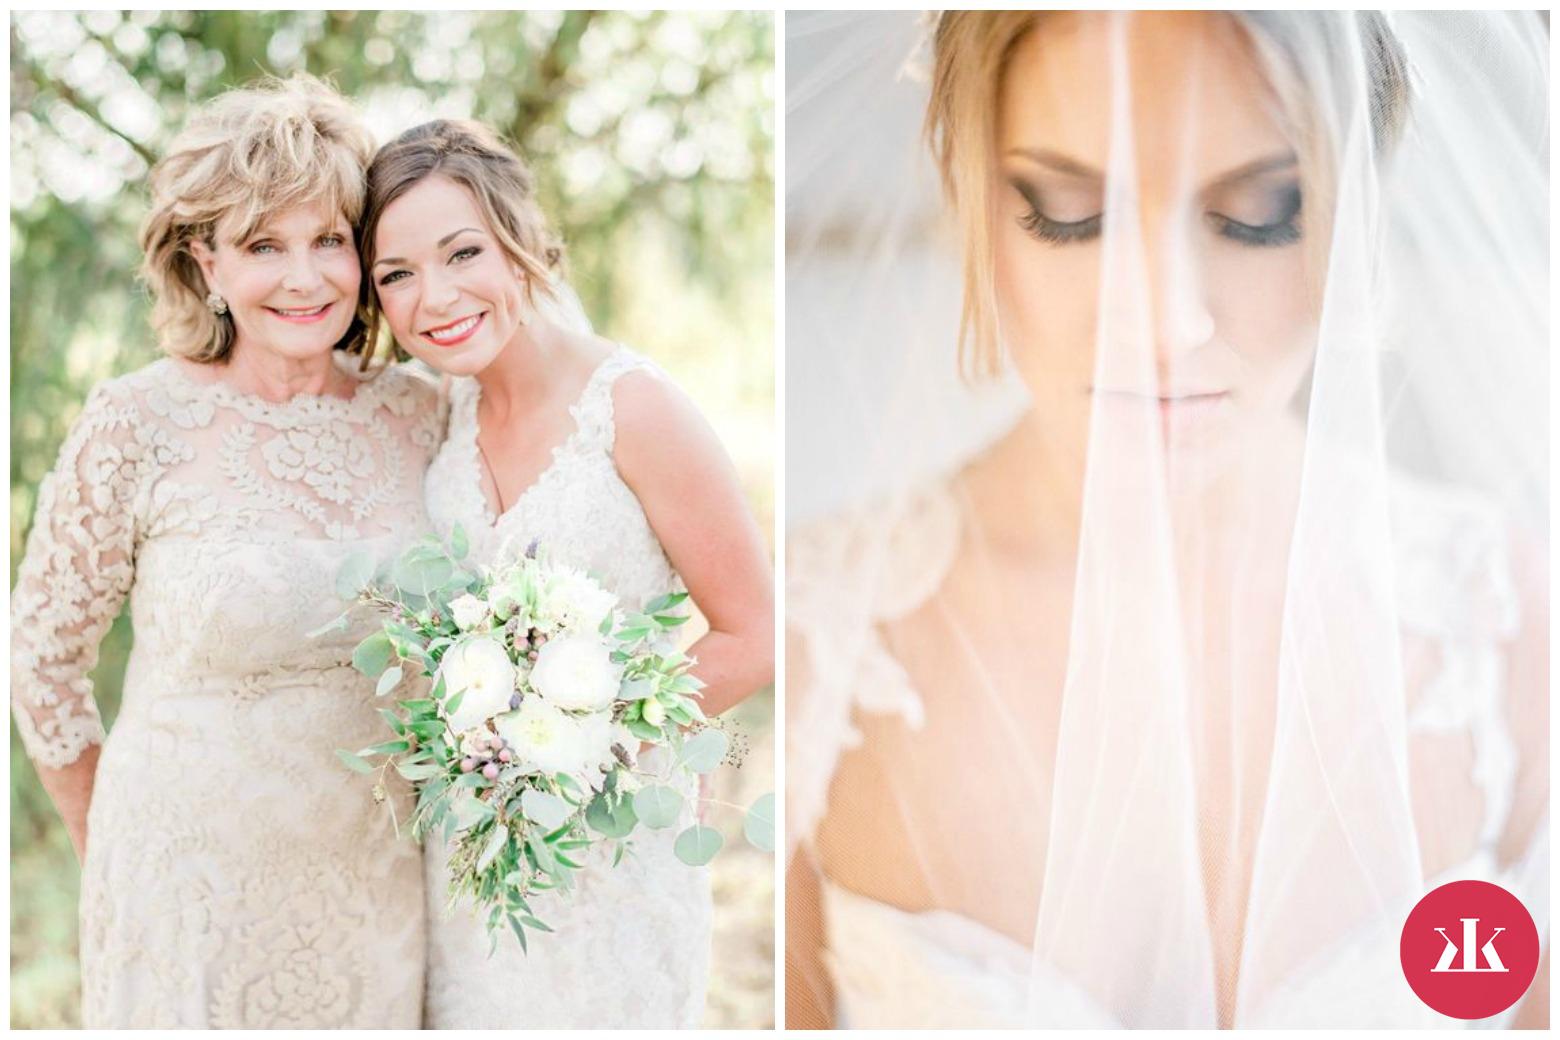 4db2b2816242 Svadobné mamy a ich úlohy počas svadby  Vieš